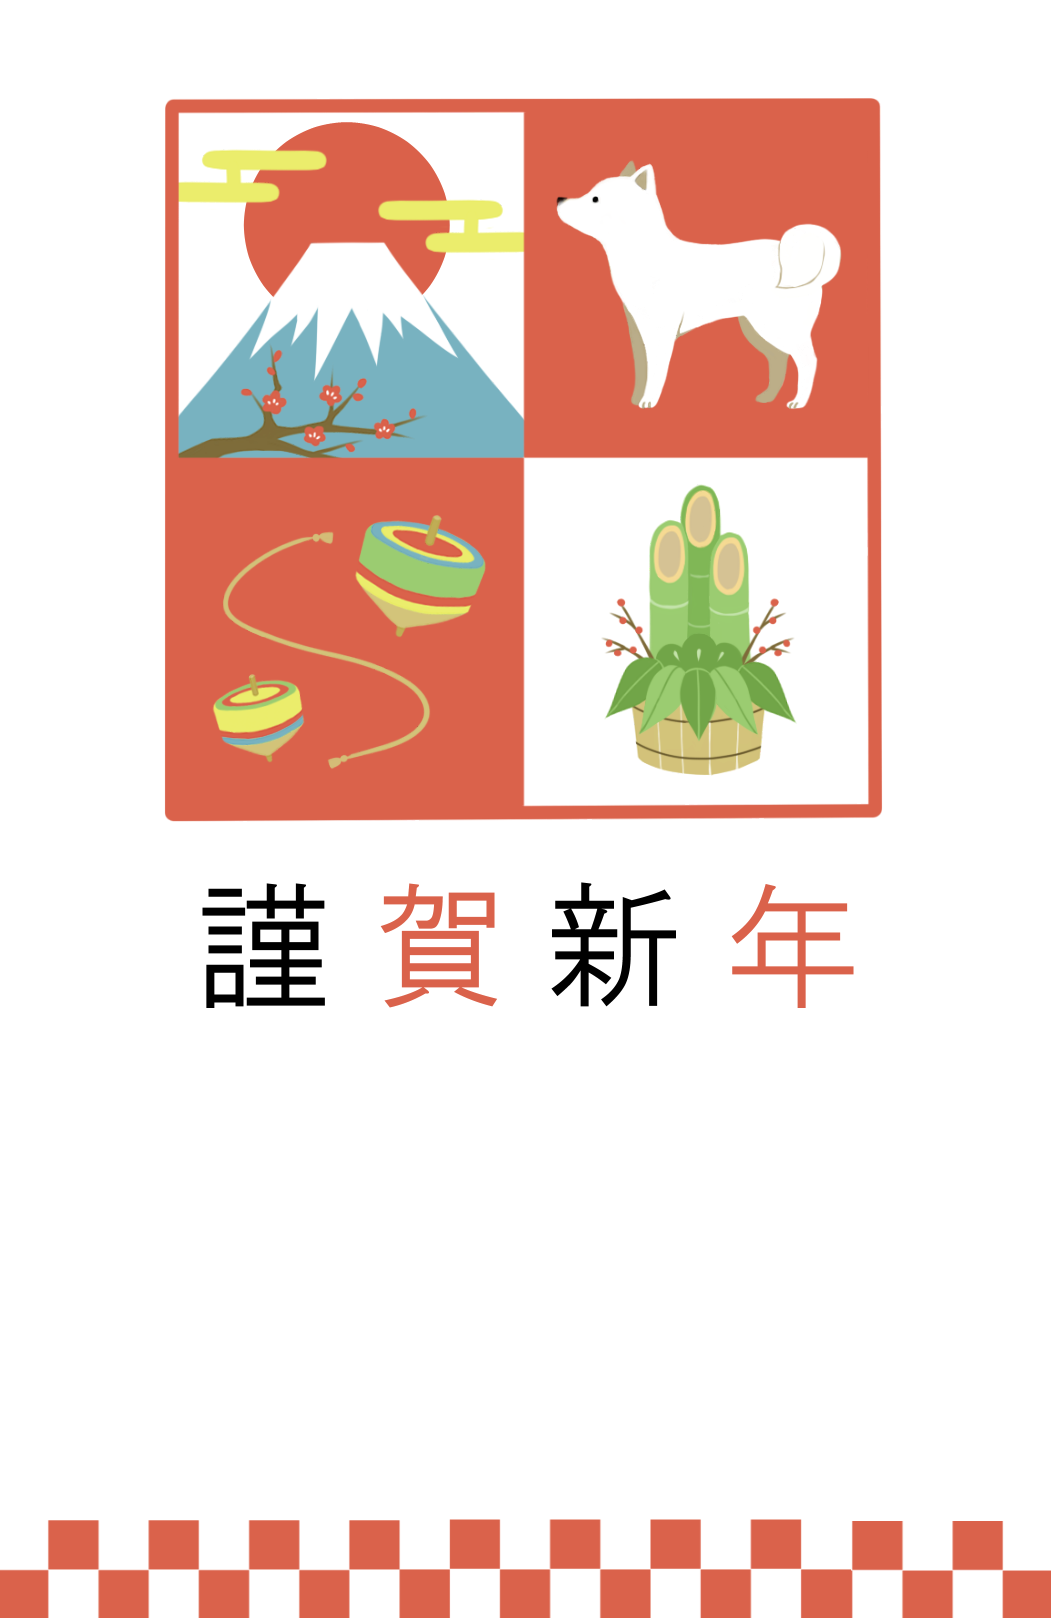 すみ/戌年年賀状